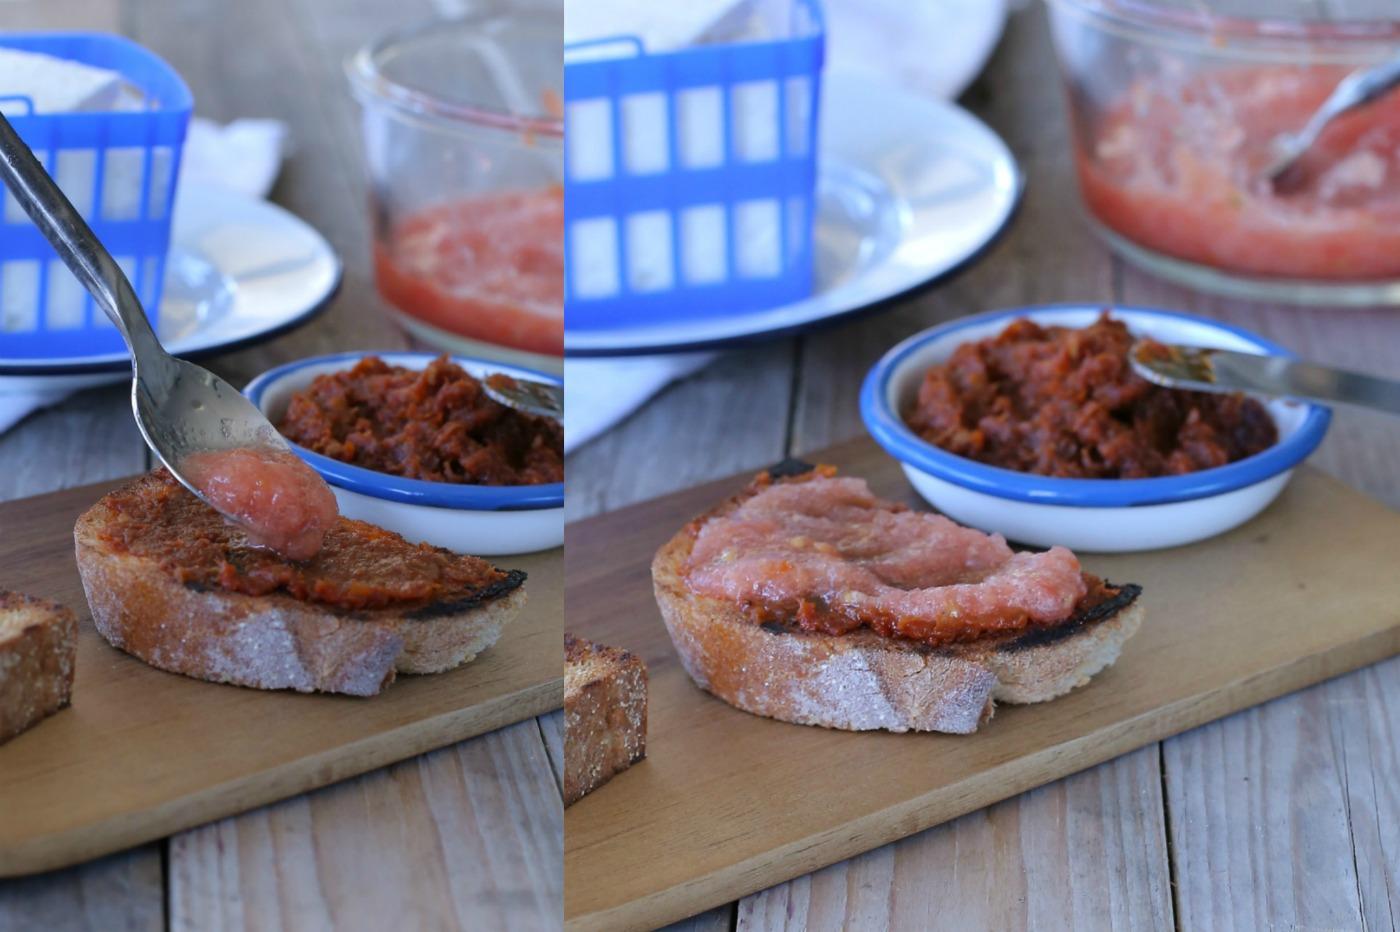 ברוסקטה יוונית_ברוסקטה עם גבינה בולגרית_אירוח בסטייל_פיראוס_טליה הדר מהבלוג אשת סטייל